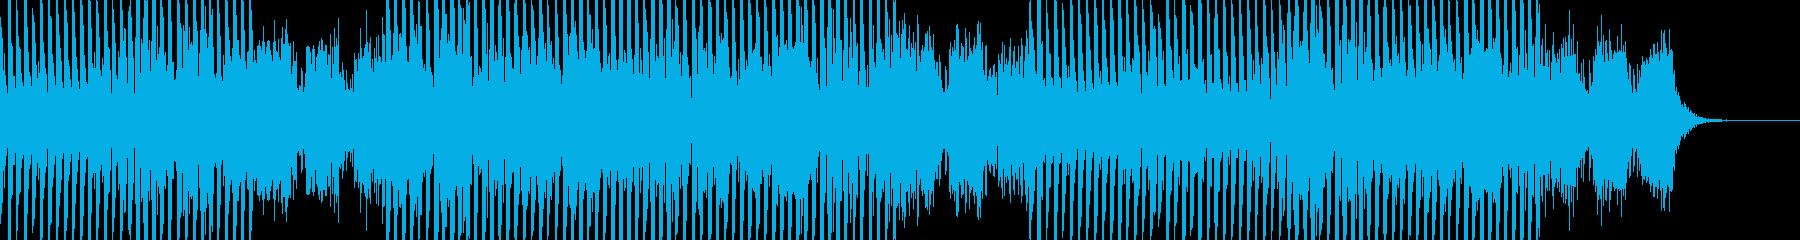 おおらか(自然)な癖の少ないサウンドの再生済みの波形